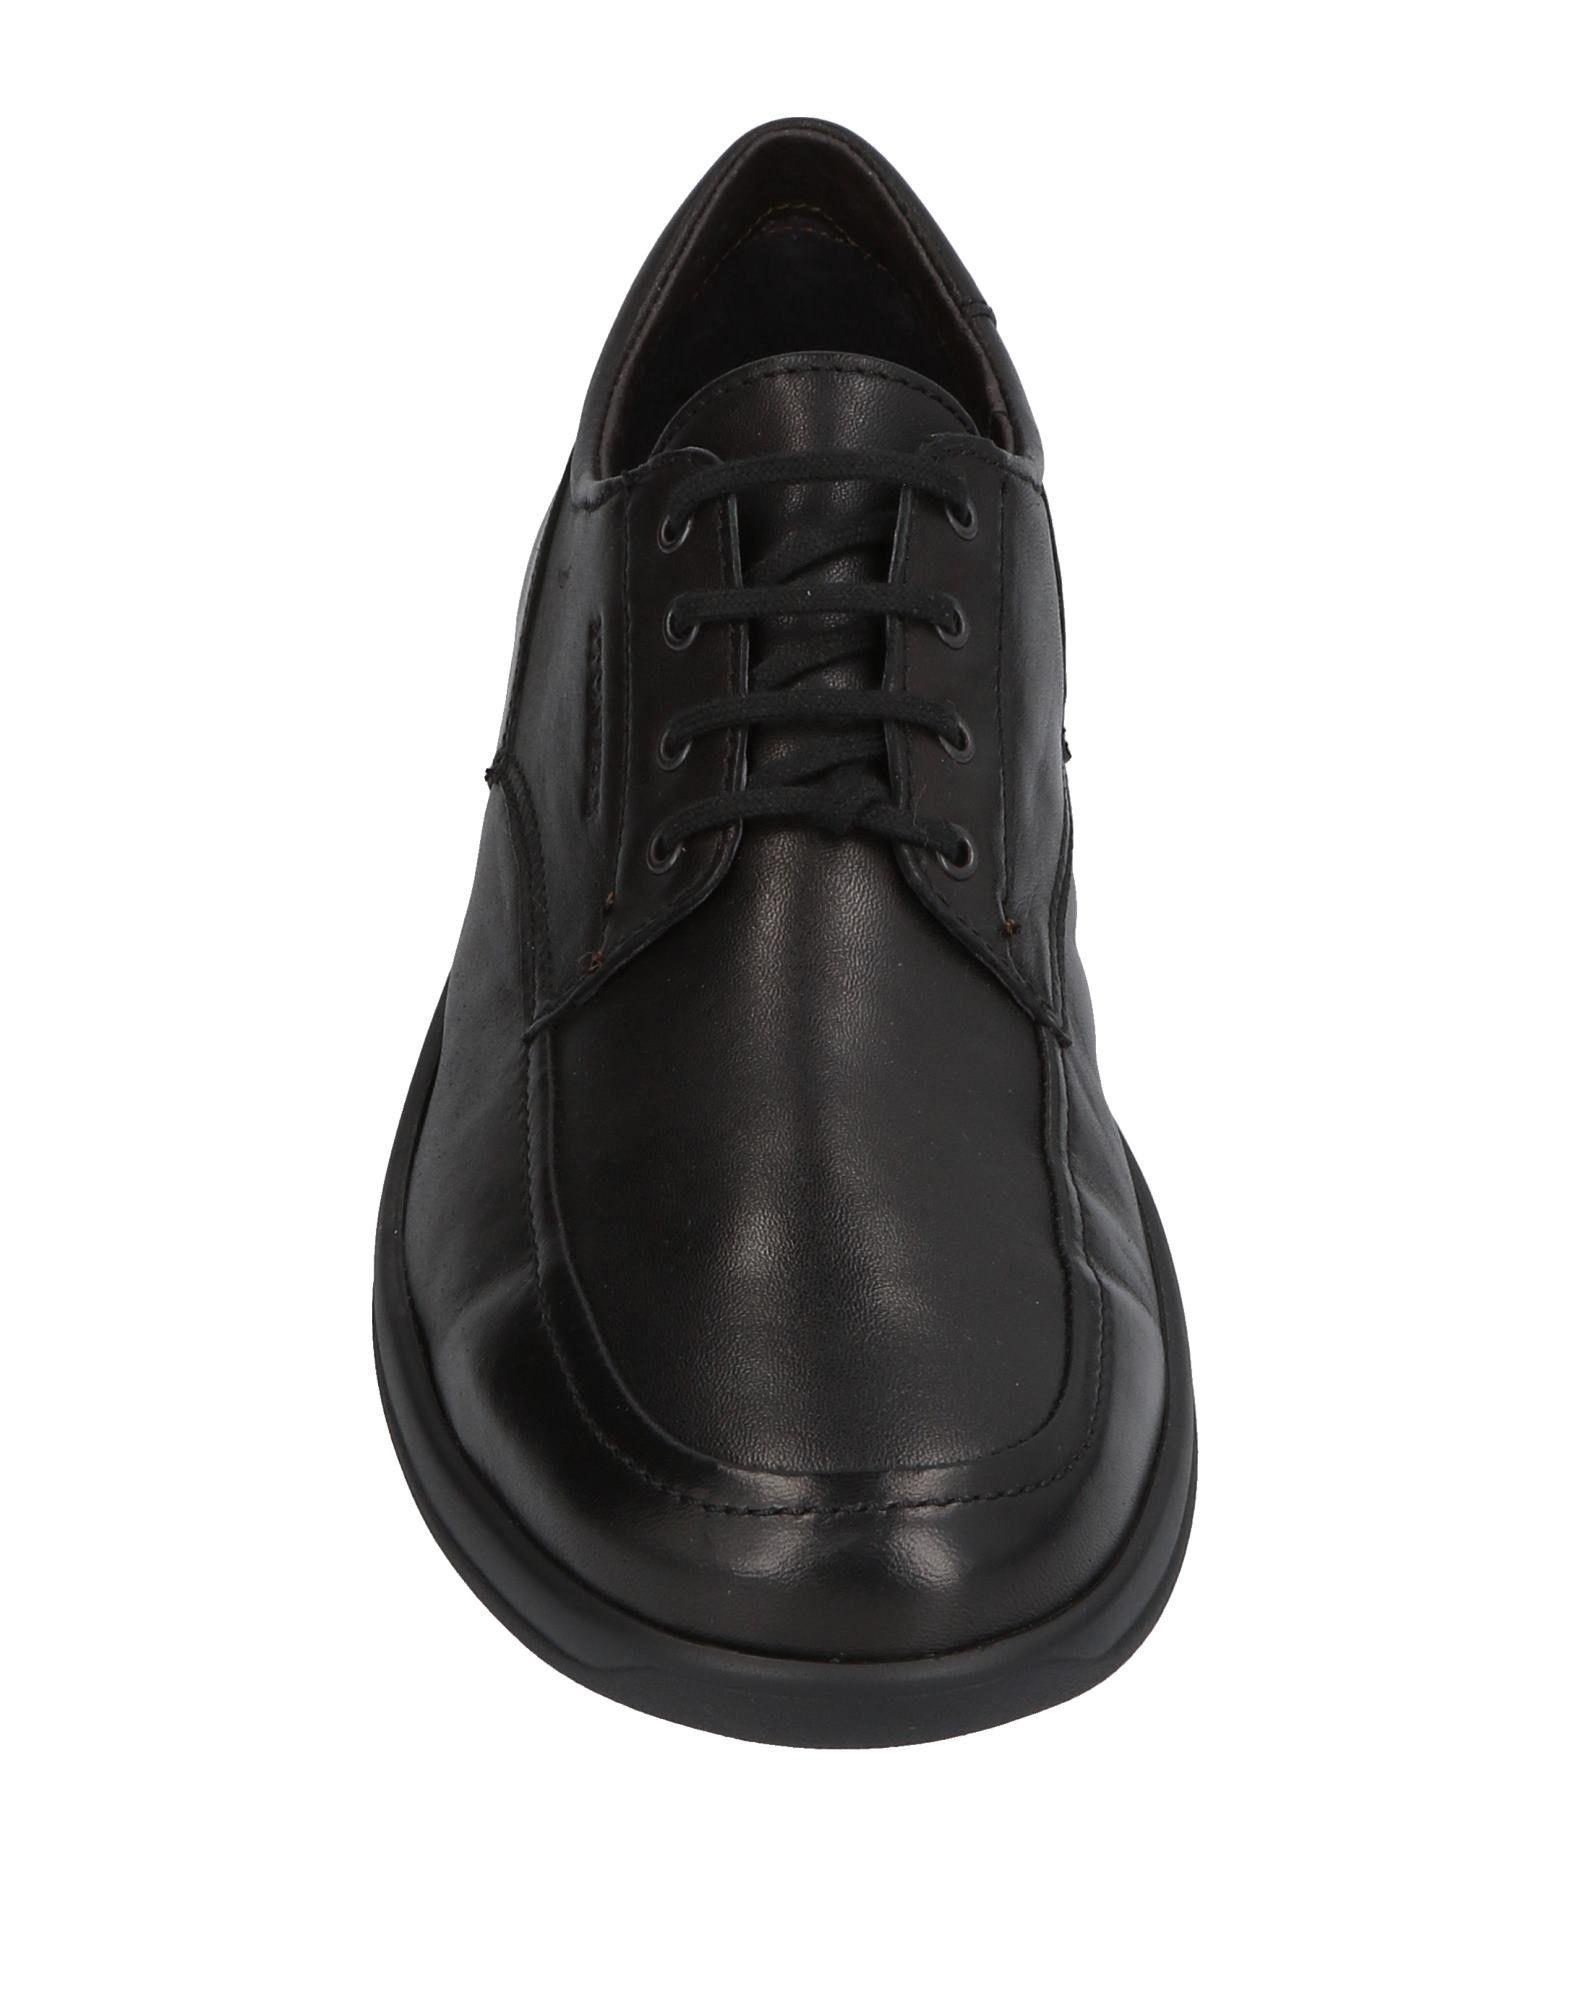 Rabatt echte Schuhe Stonefly Schnürschuhe 11463142OG Herren  11463142OG Schnürschuhe 6aac8c